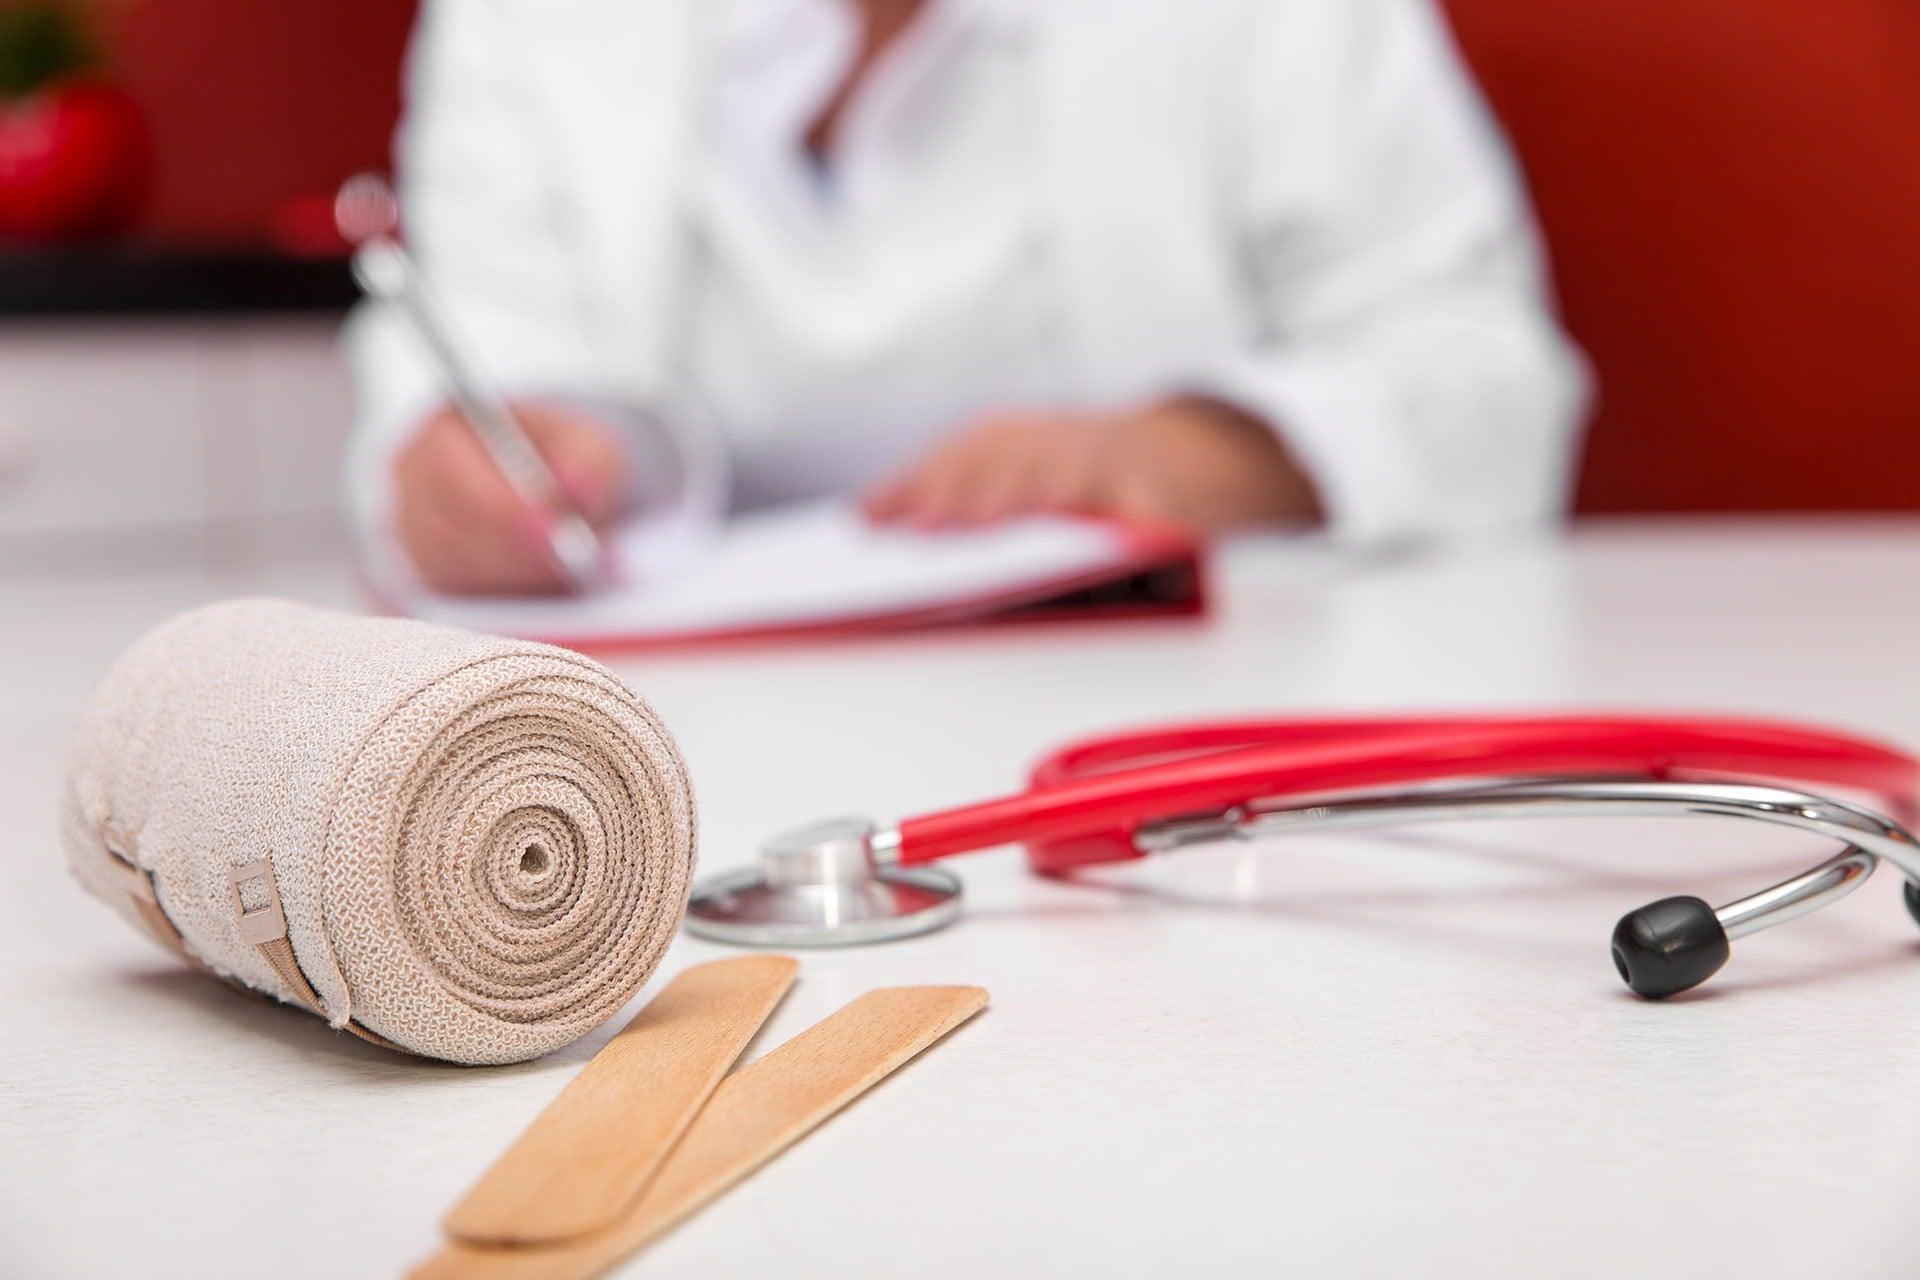 Ärztin am Tisch mit Bandage und anderen Utensilien zur Pflegeschule der ToP GbR